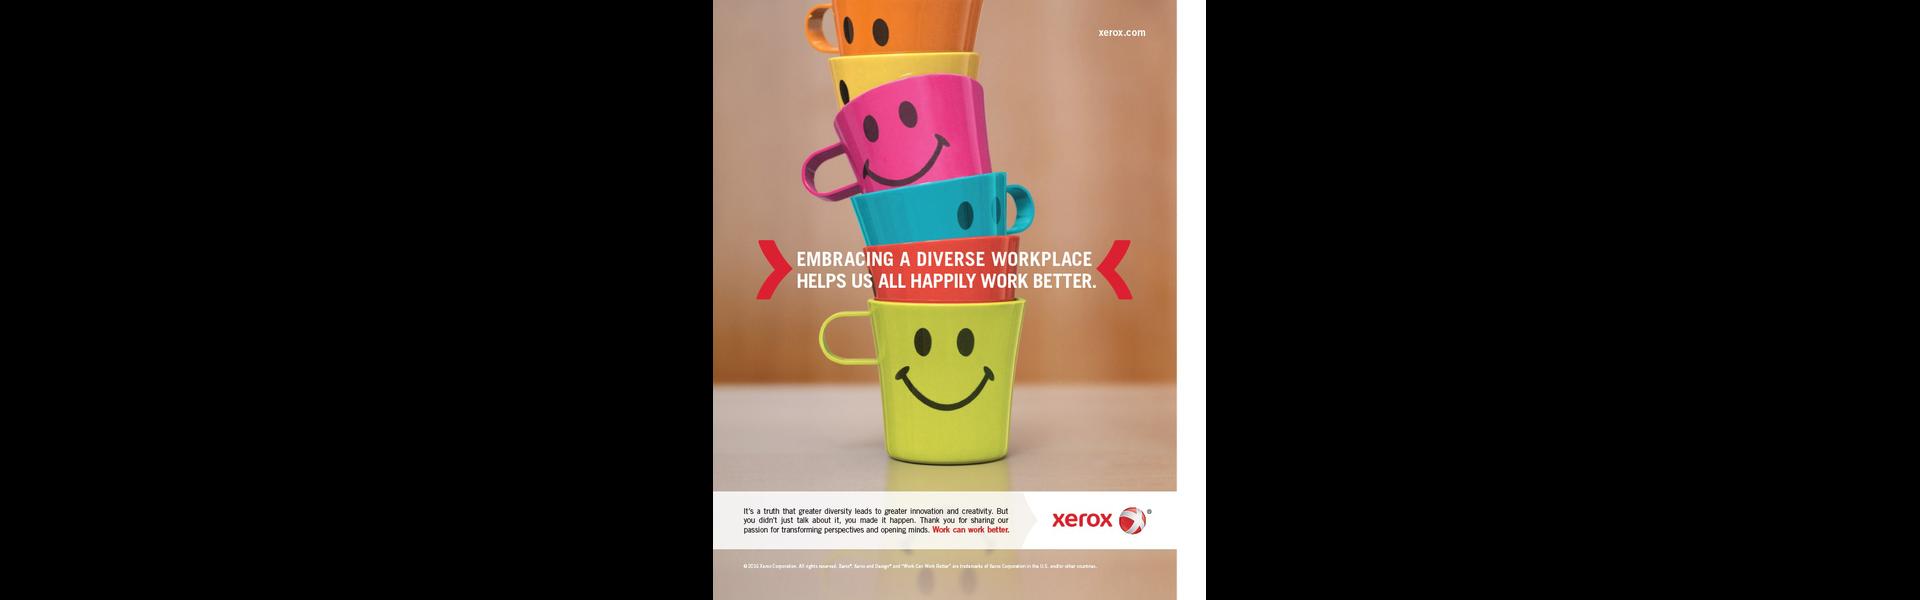 Xerox Diversity Ad